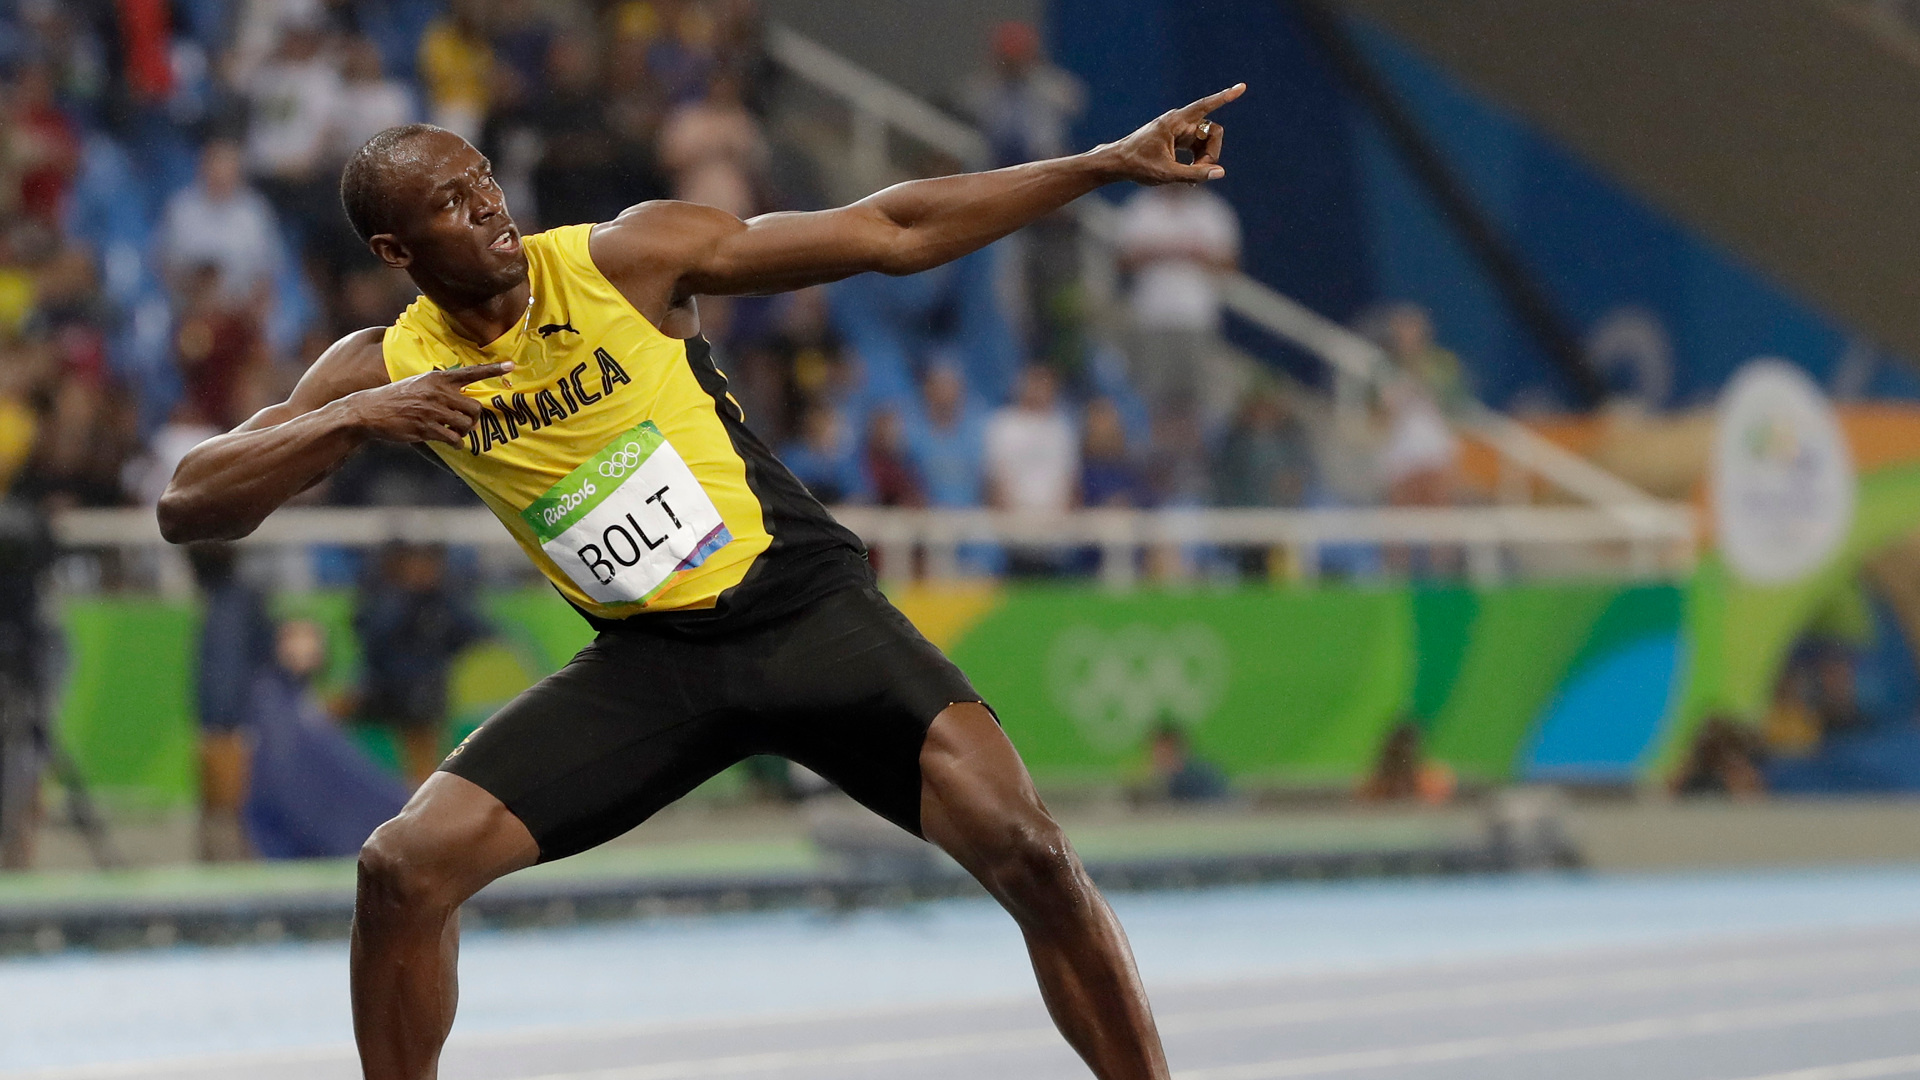 Bolt deviatym zlatom na šiestu priečku olympijskej histórie